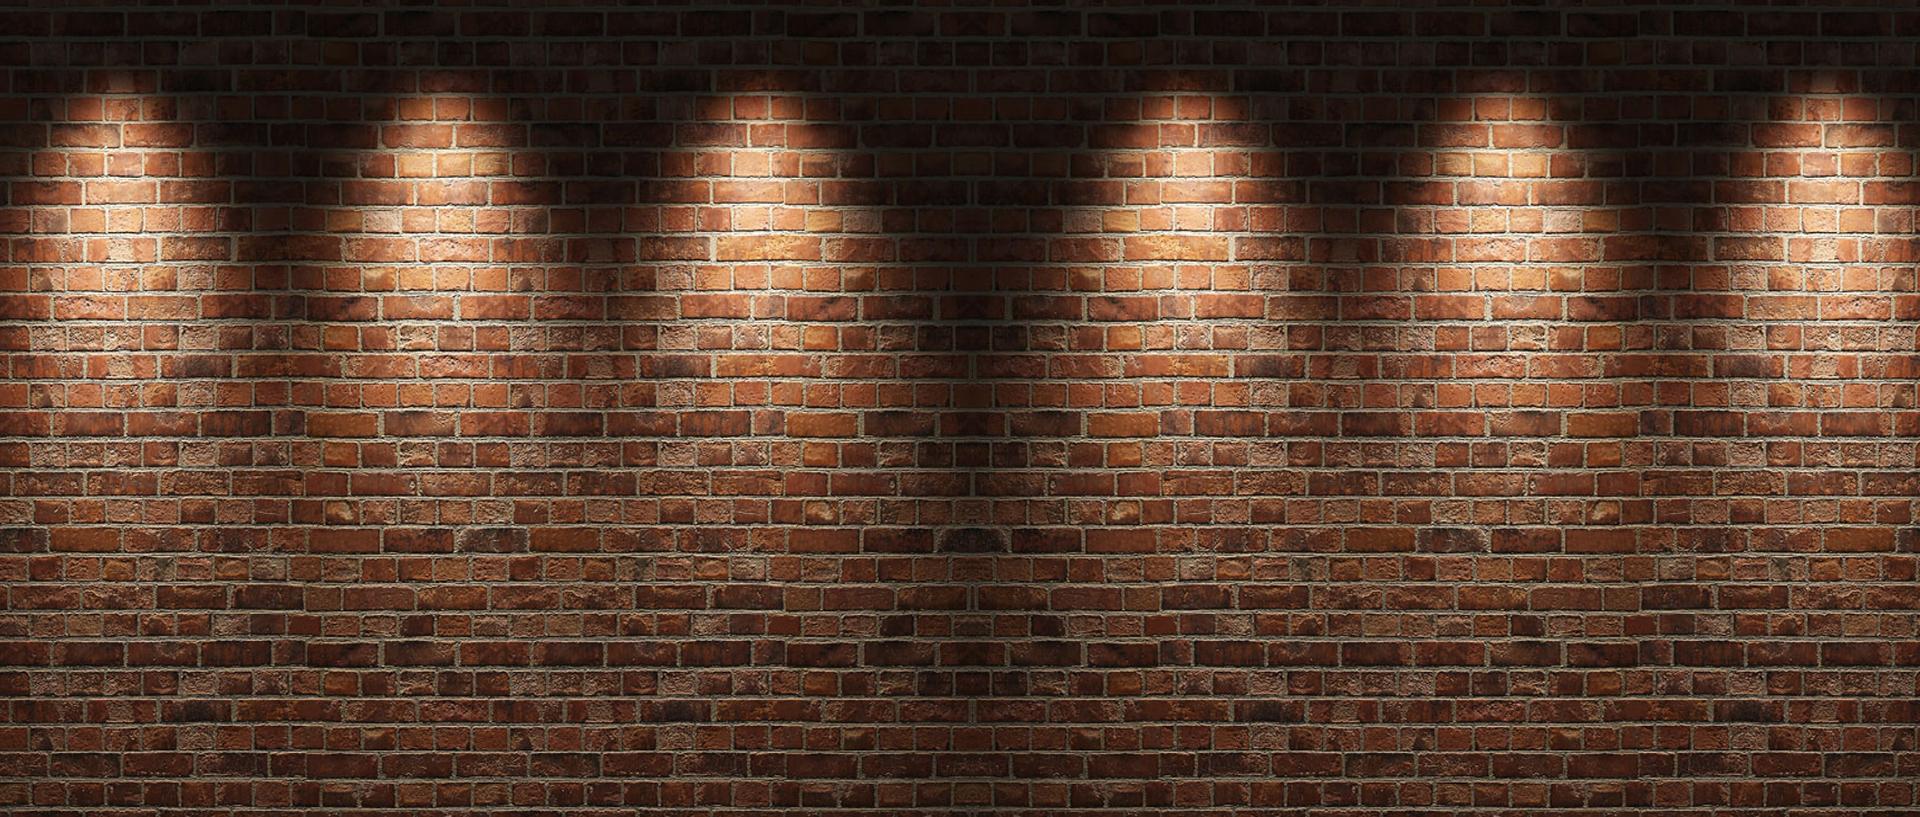 Картинка кирпичная кладка мира гарри поттера для сайта